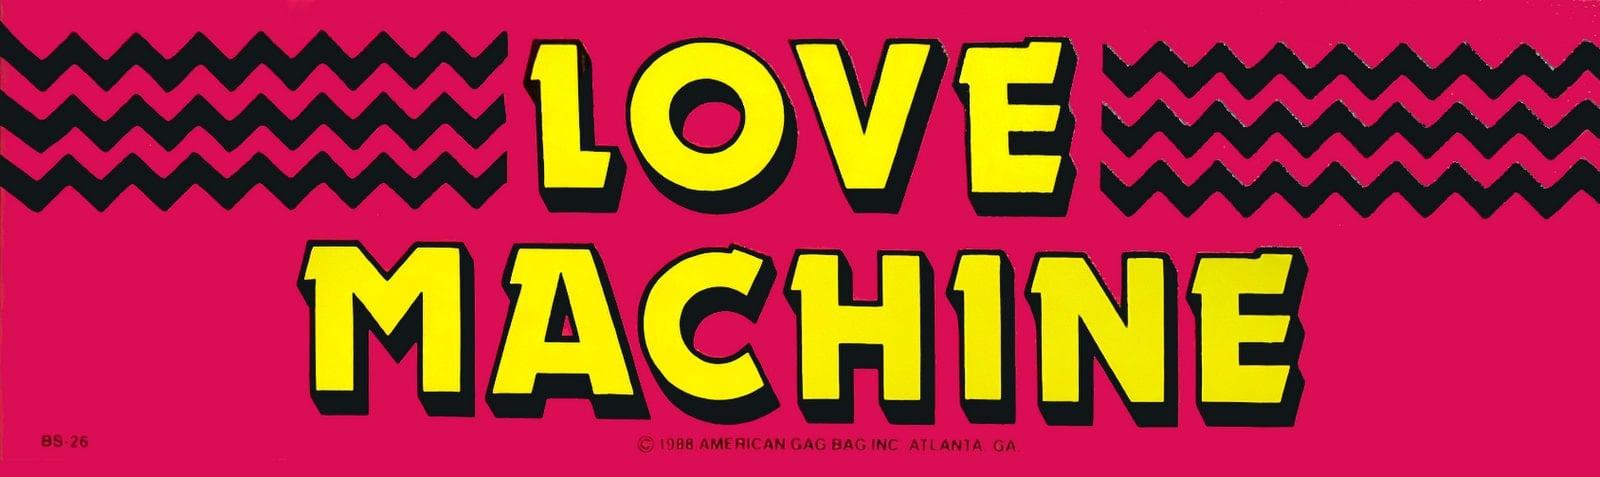 Retro Love Machine bumper sticker (1988)